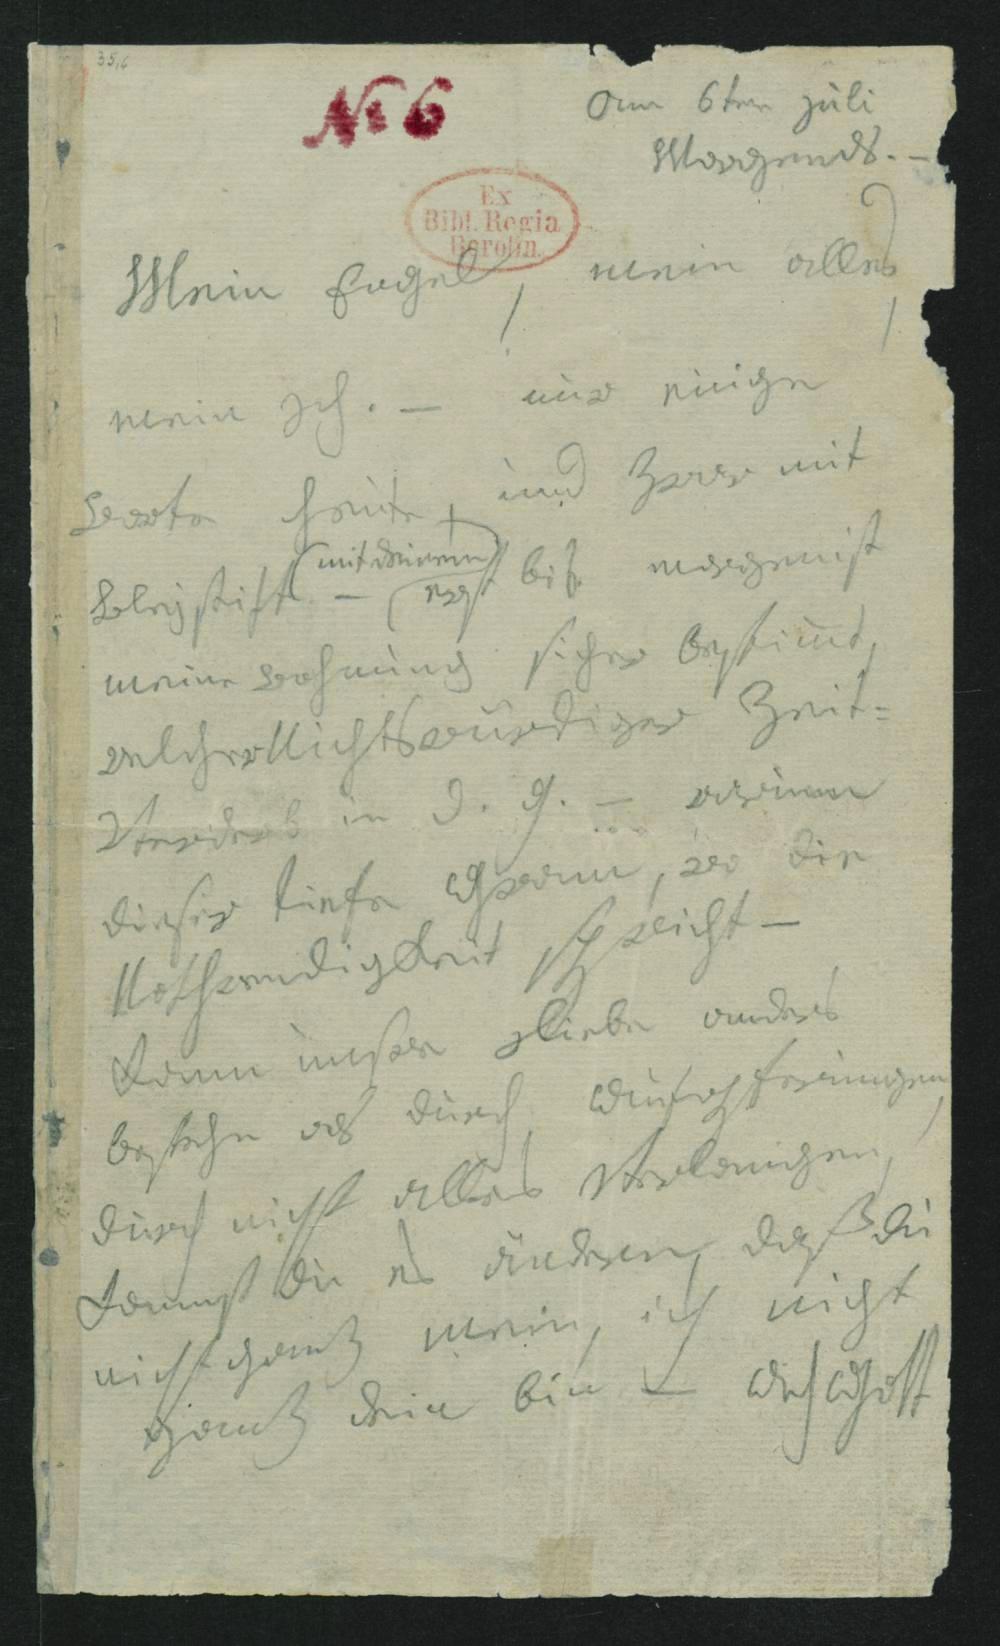 Lettera all'amata immortale – Brief an die Unsterbliche Geliebte